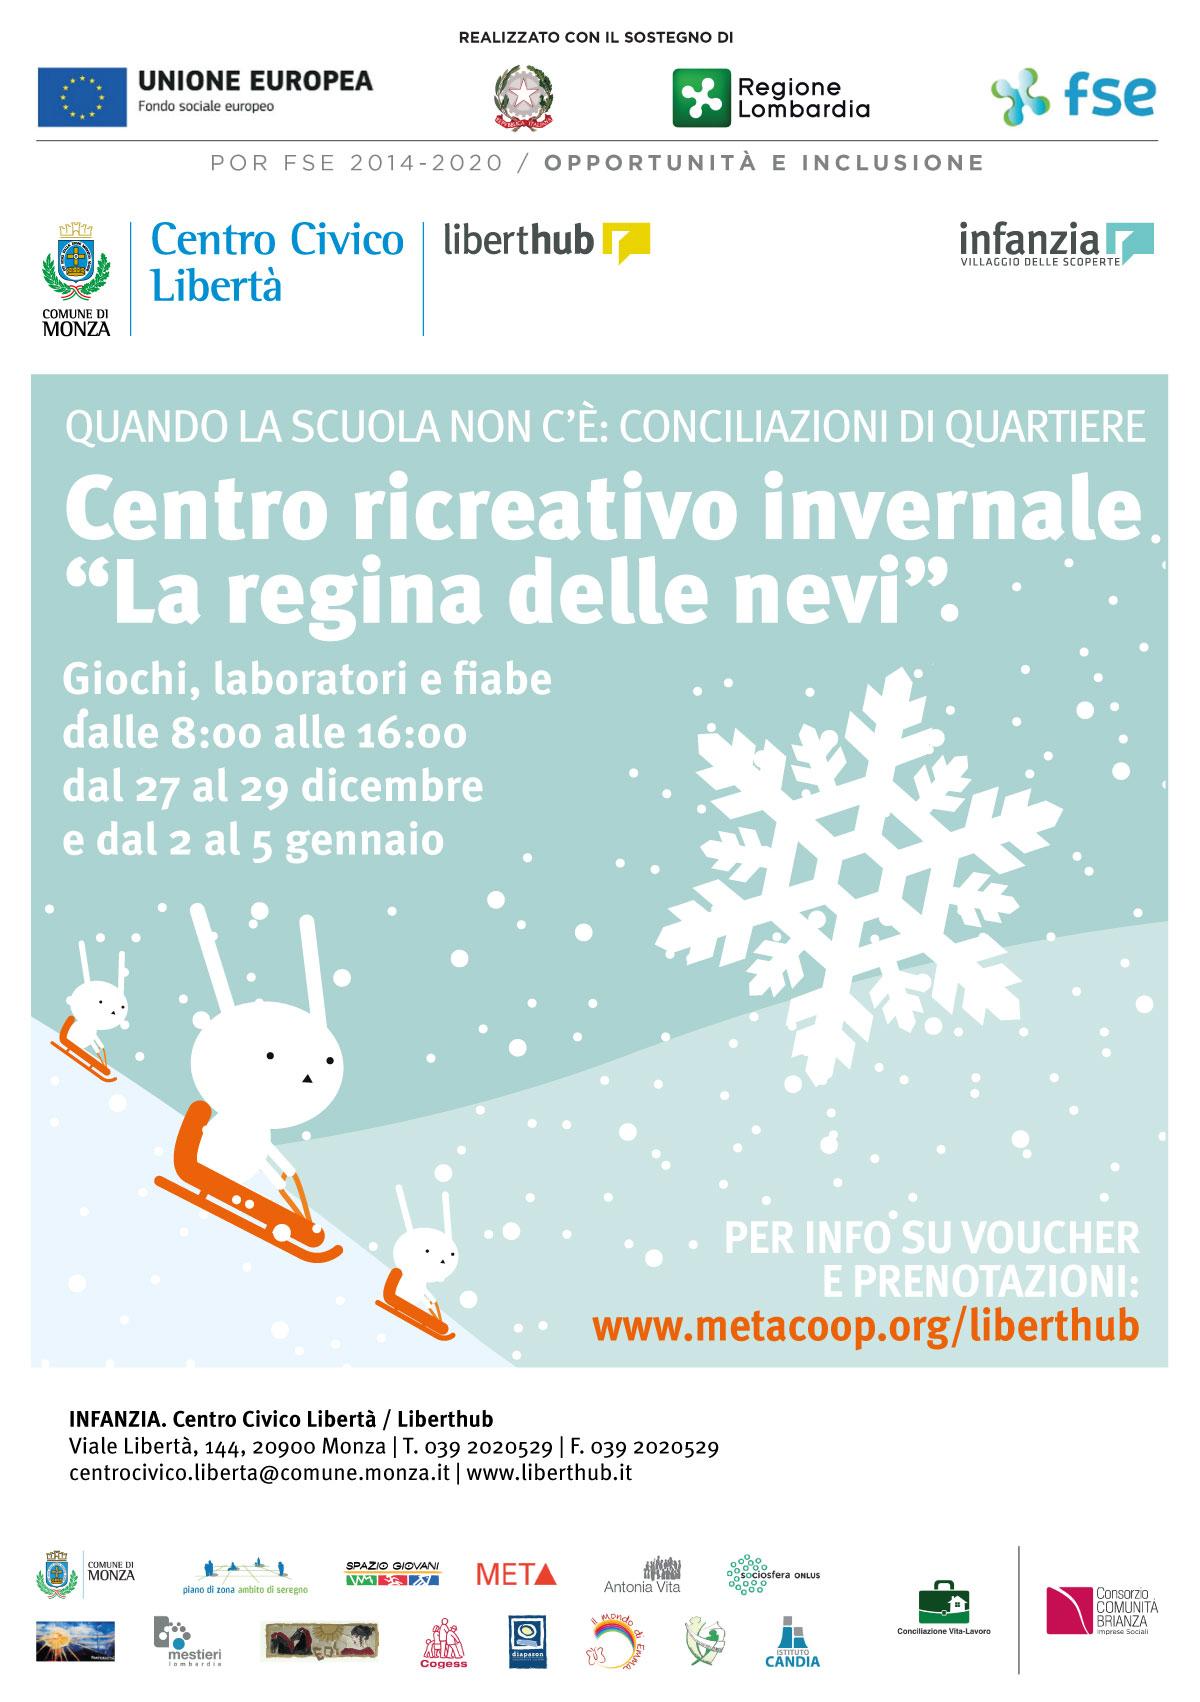 centro-ricreativo-invernale-monza-servizio-ponti-voucher-liberthub-2017